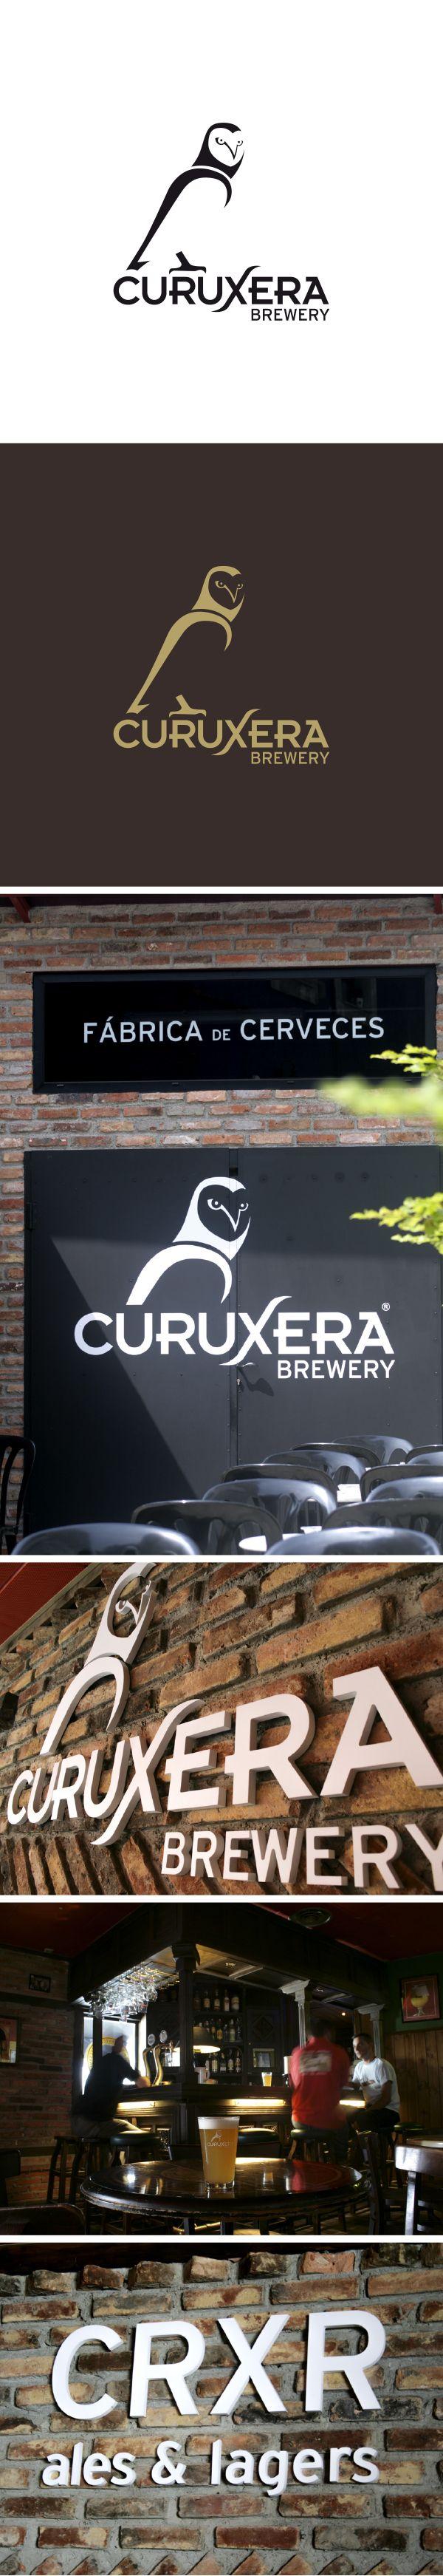 Curuxera Brewery. Marca para cerveza artesanal de barril